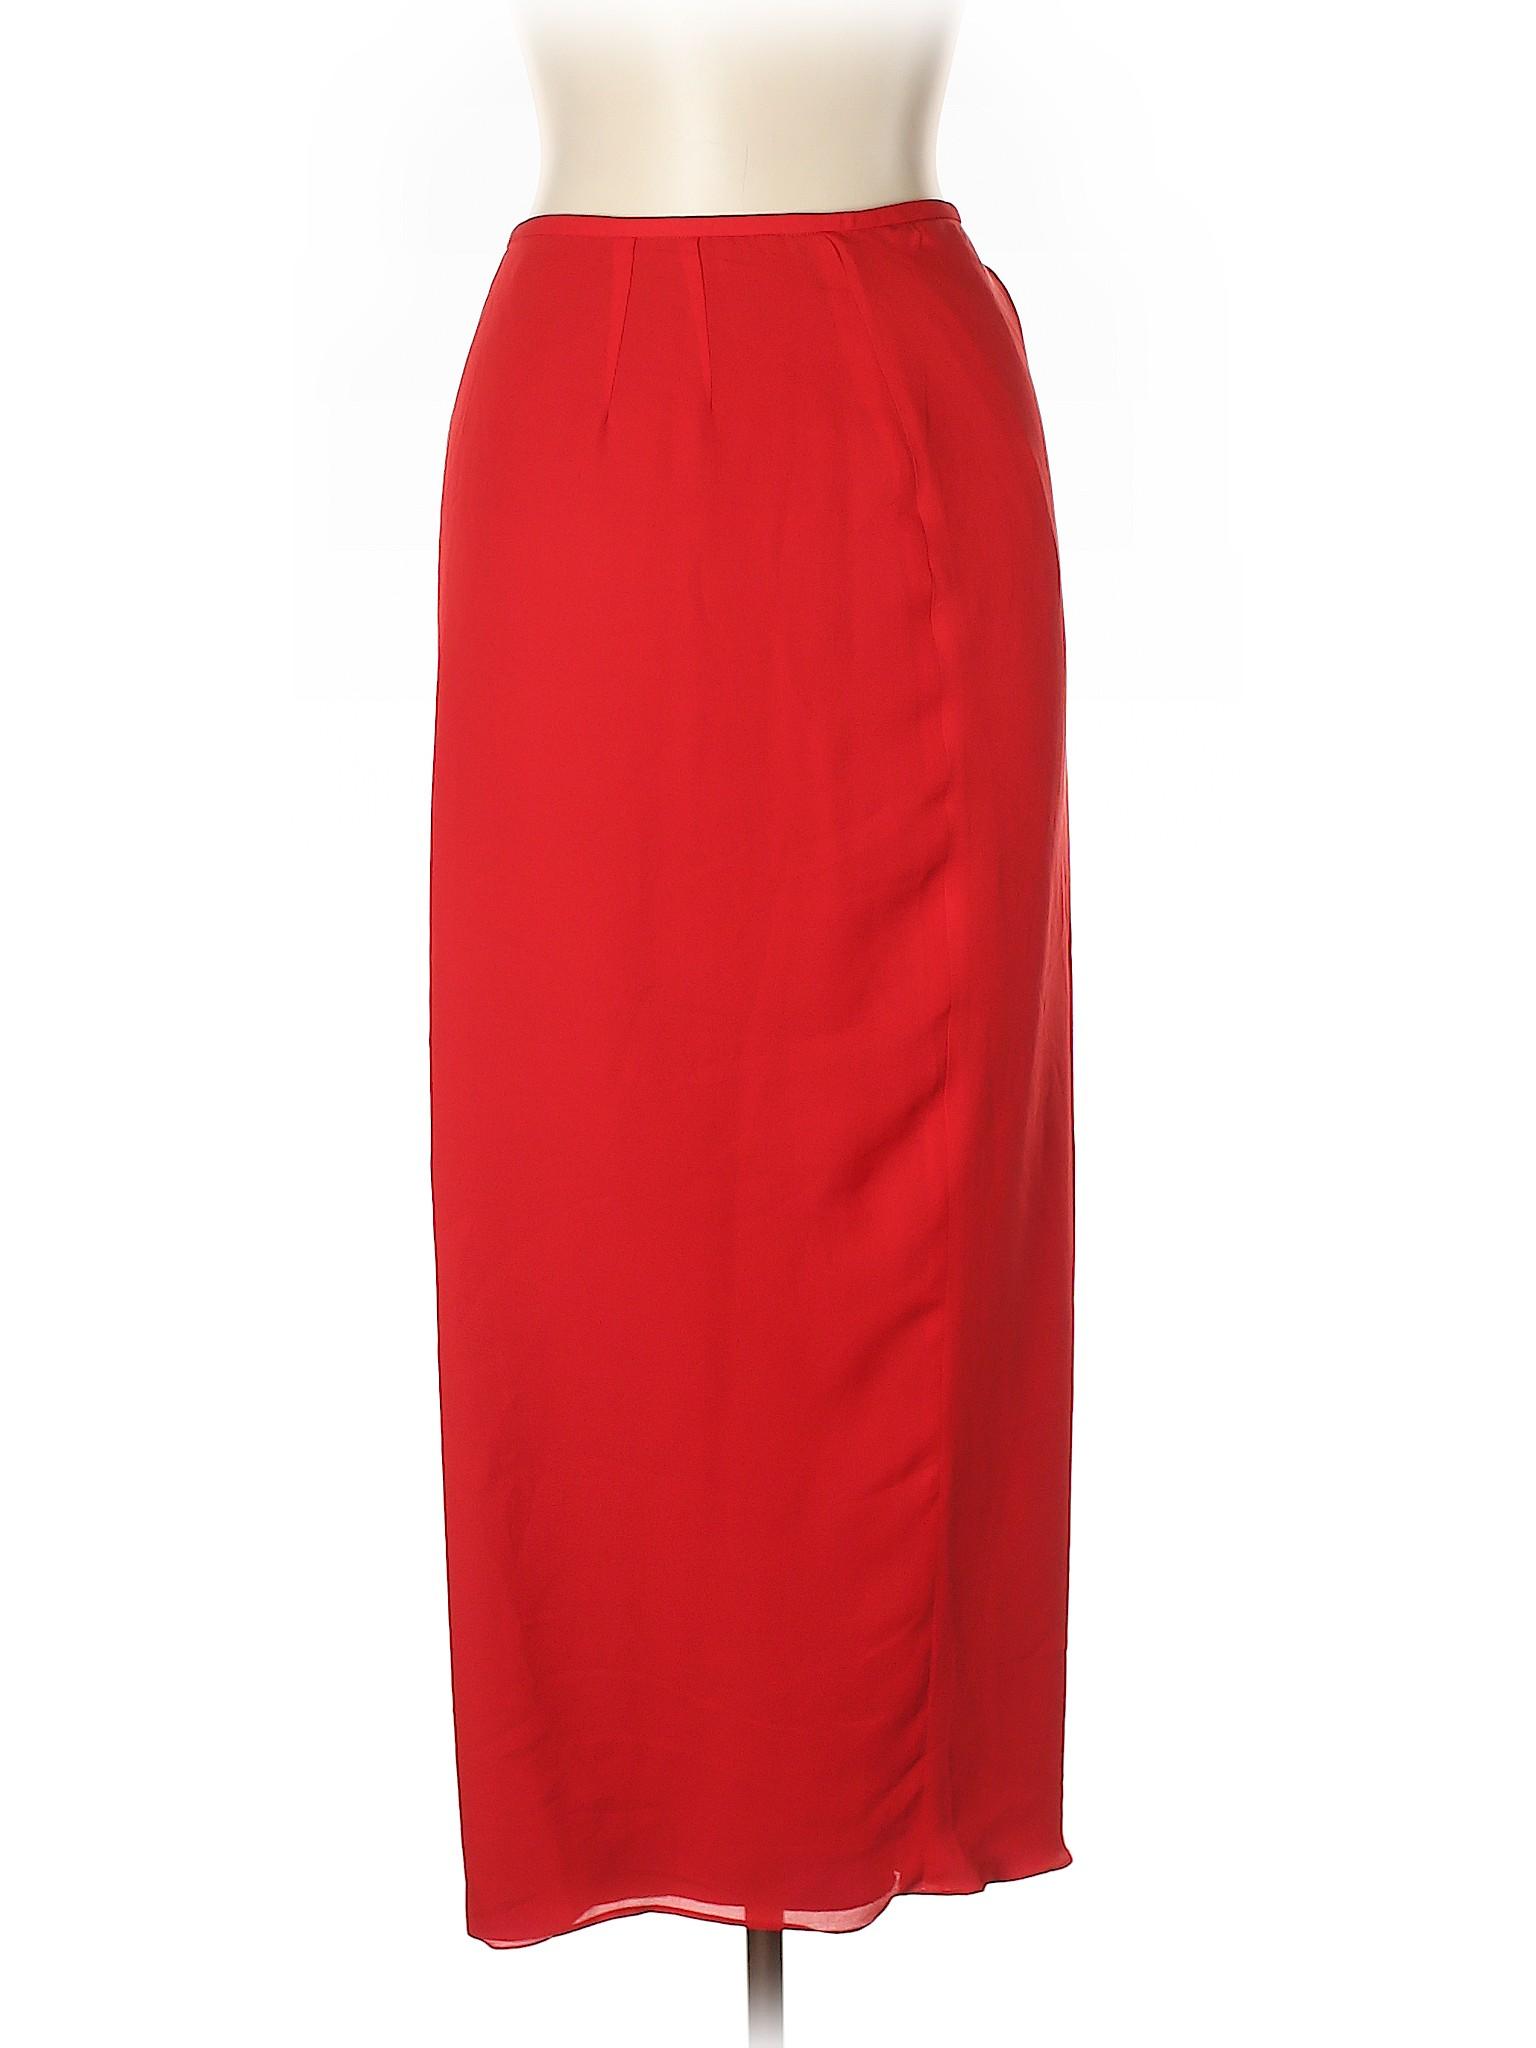 Boutique Ellen leisure Skirt Tracy Silk HF5HUrqx